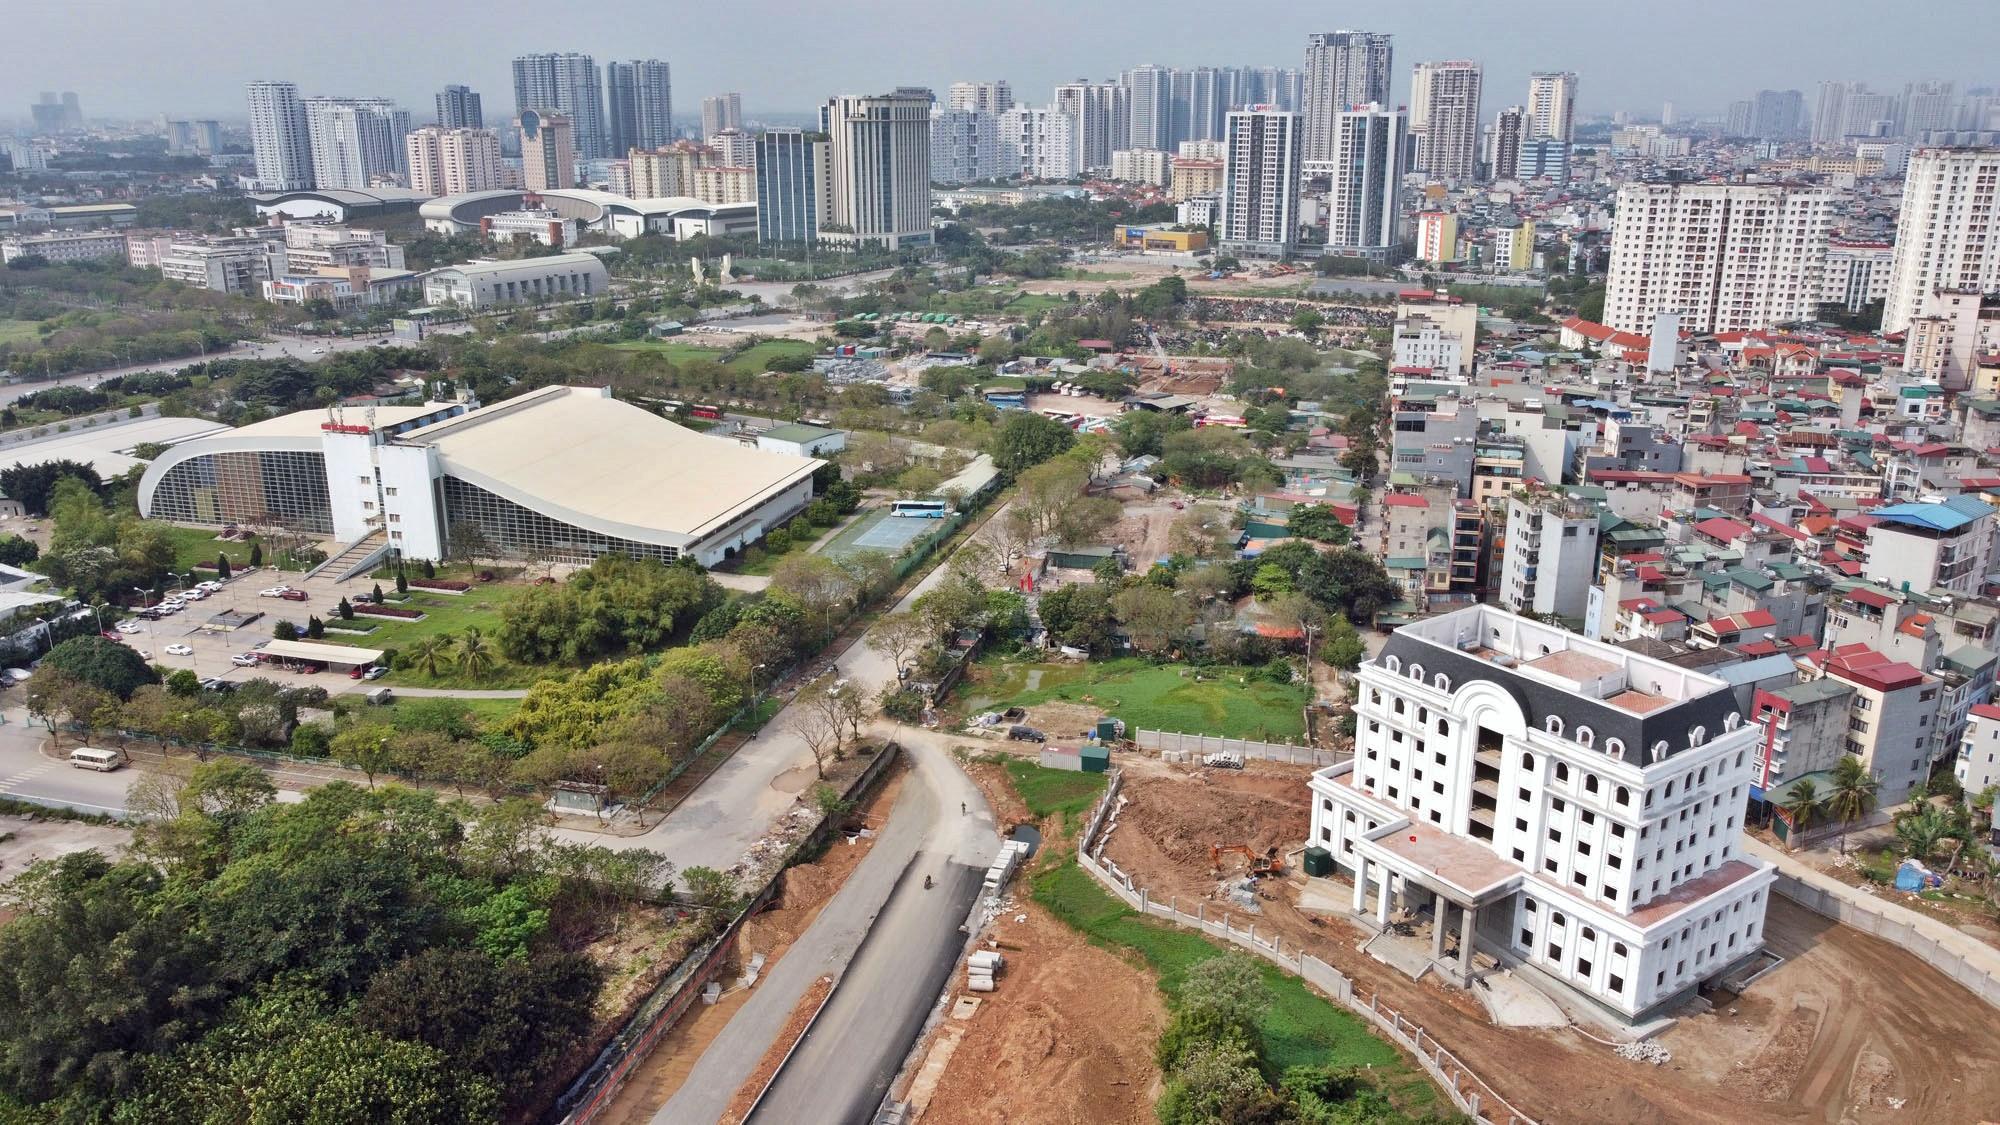 Toàn cảnh đường từ Vũ Quỳnh đến Lê Đức Thọ - Phạm Hùng đang mở theo quy hoạch ở Hà Nội - Ảnh 6.